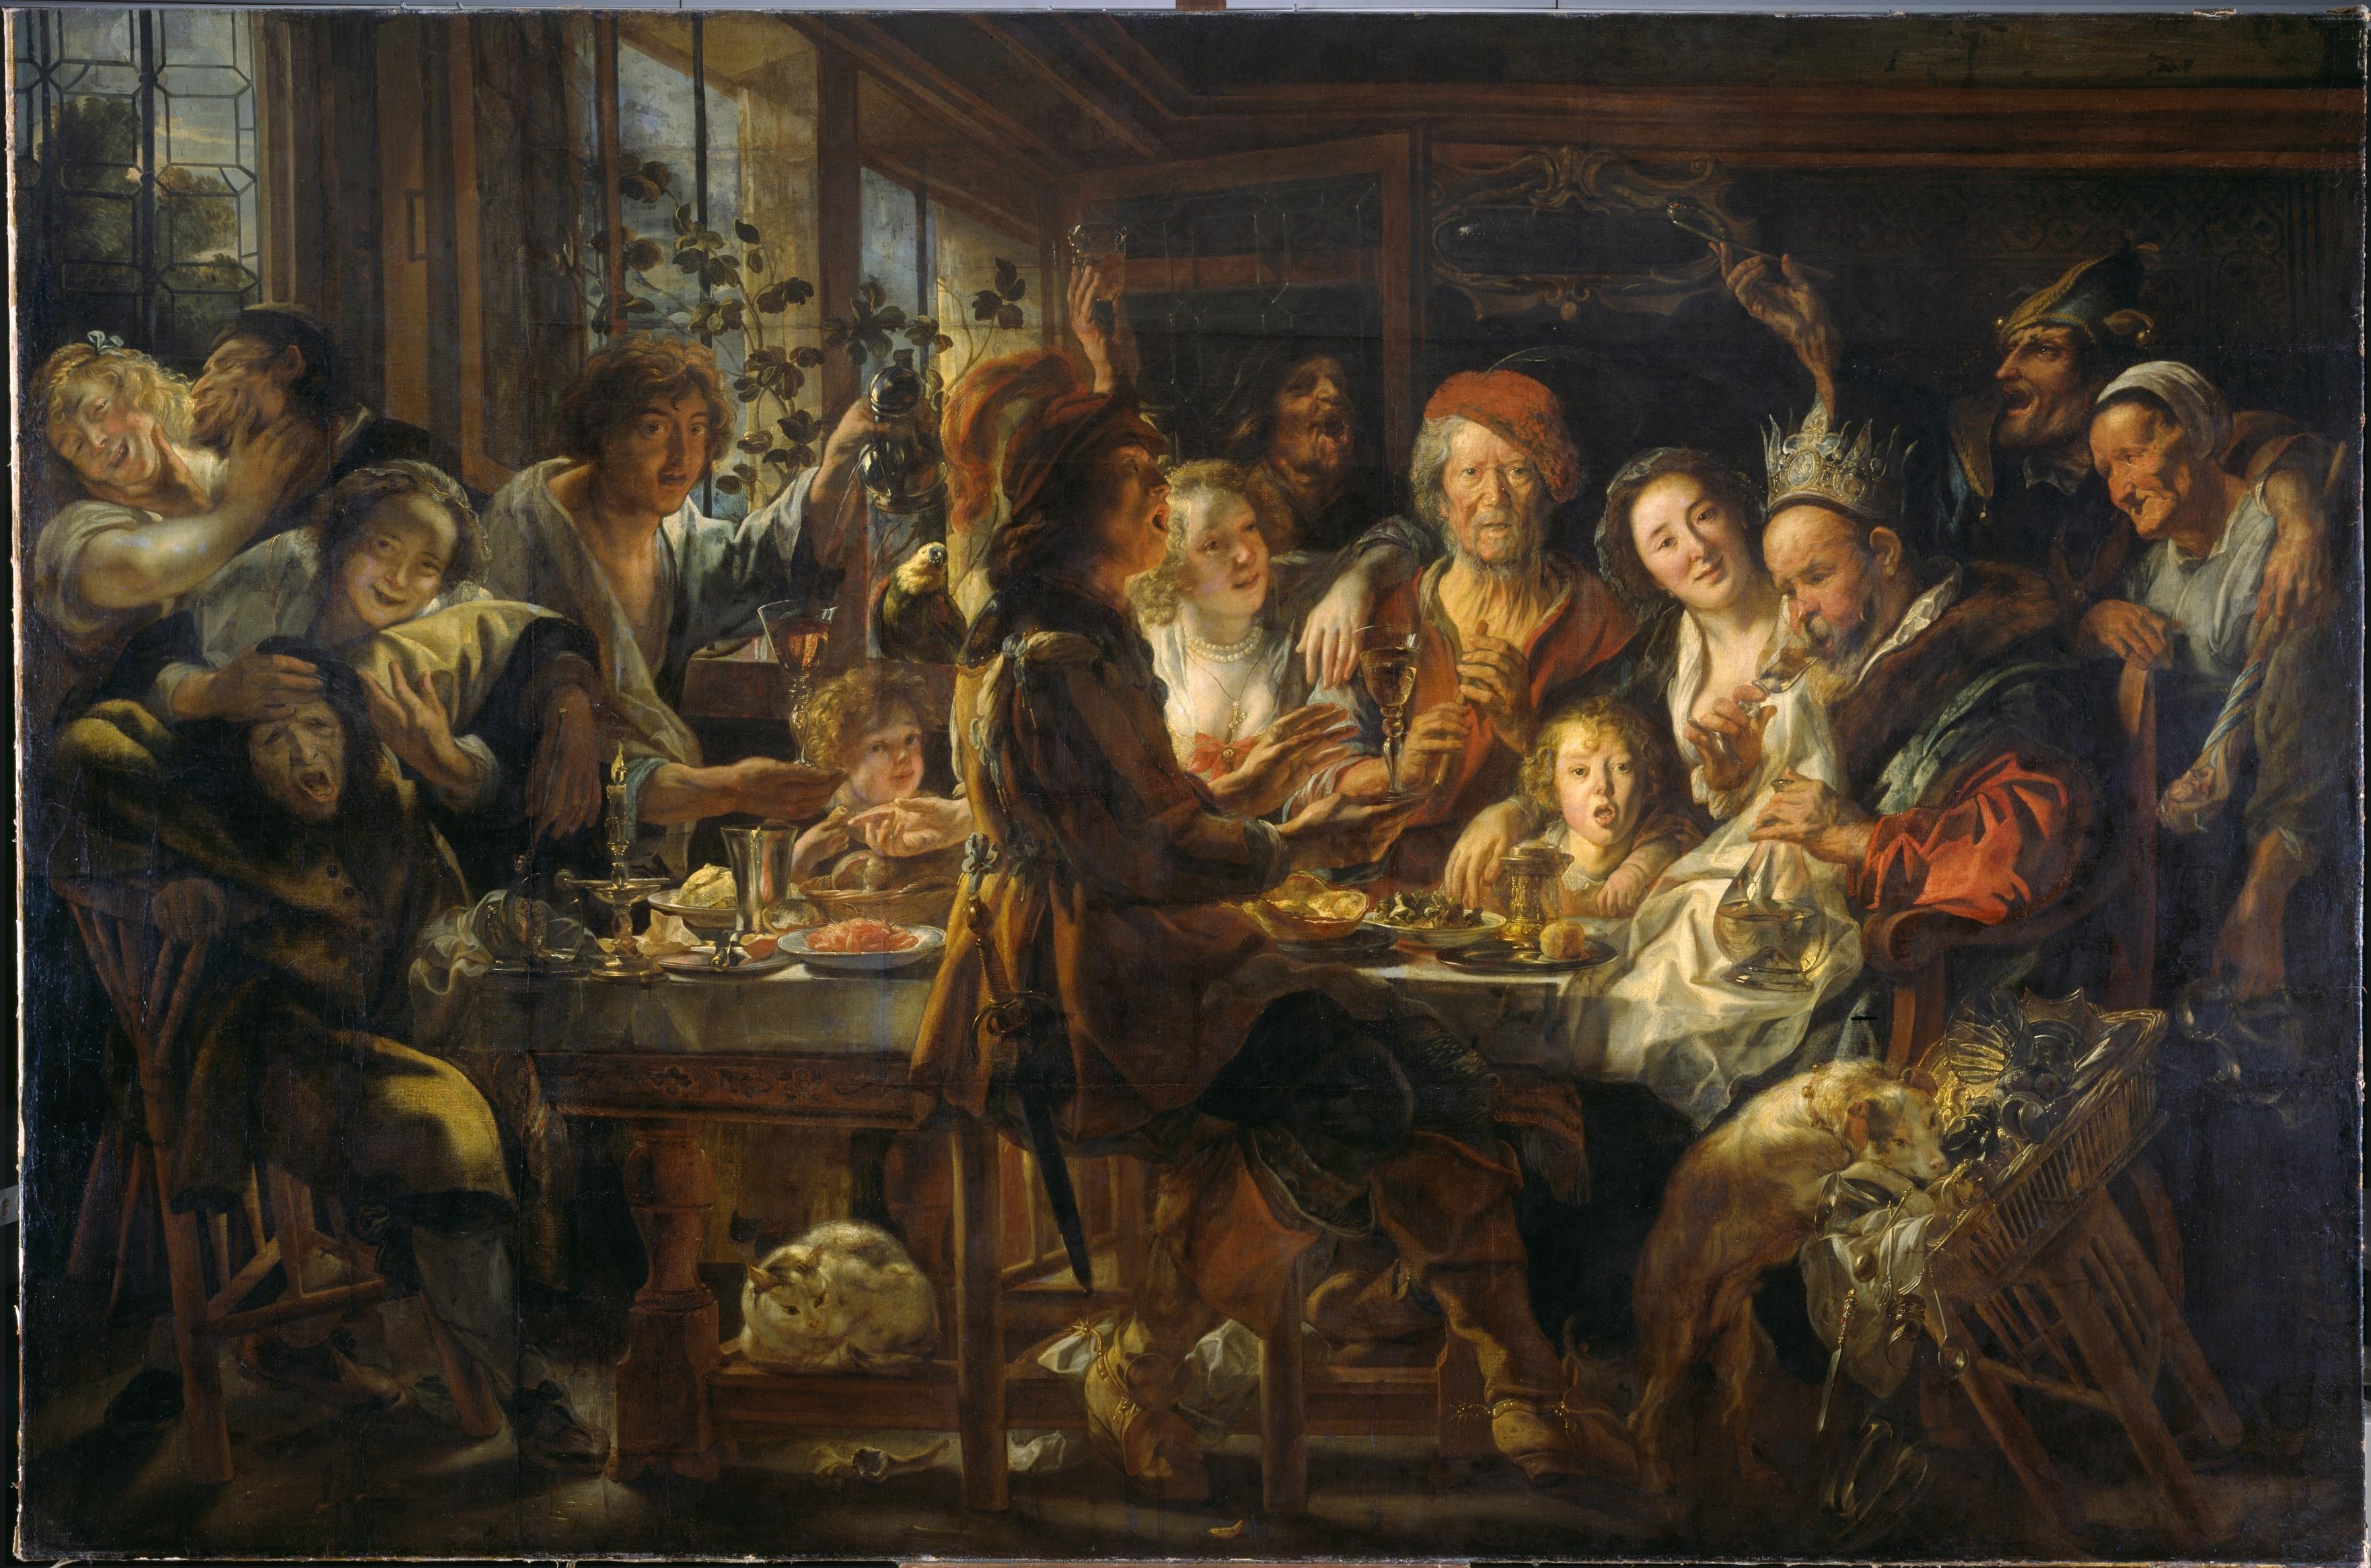 Jacob Jordaens, Das Bohnenfest, Museumslandschaft Hessen Kassel, Gemäldegalerie Alte Meister Inv.Nr. GK 108 (Foto: Arno Hensmanns)